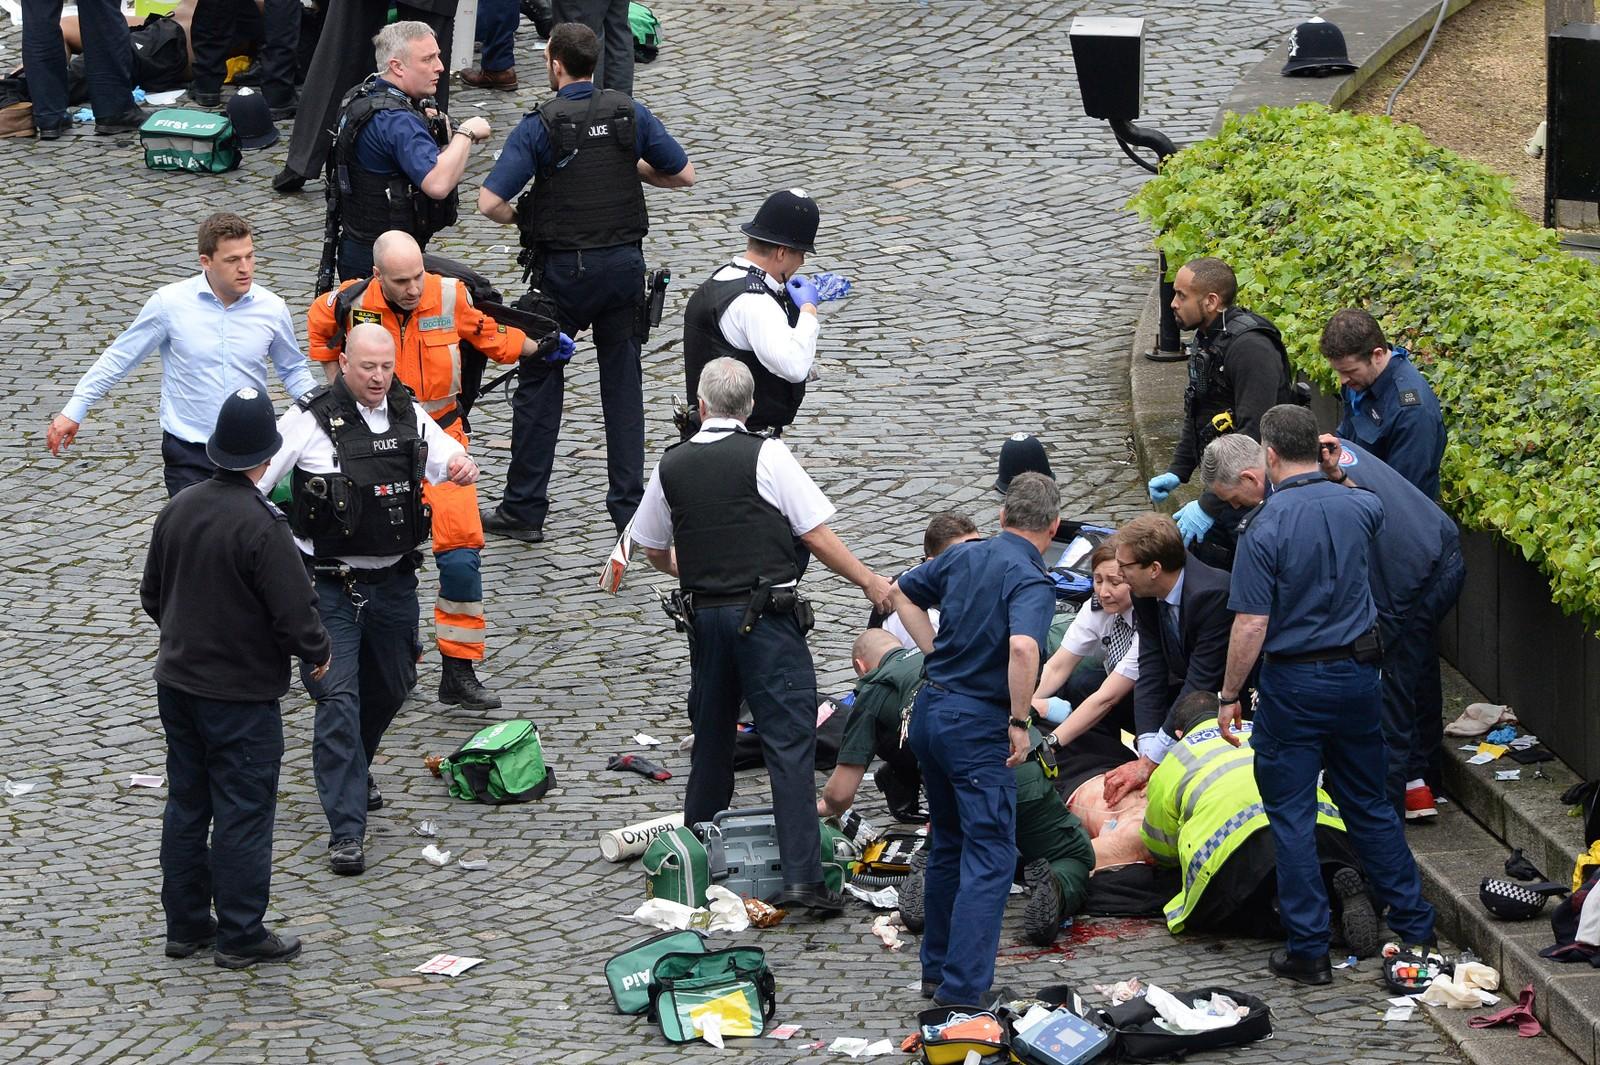 En person får hjelp etter hendelsen ved Westminster.